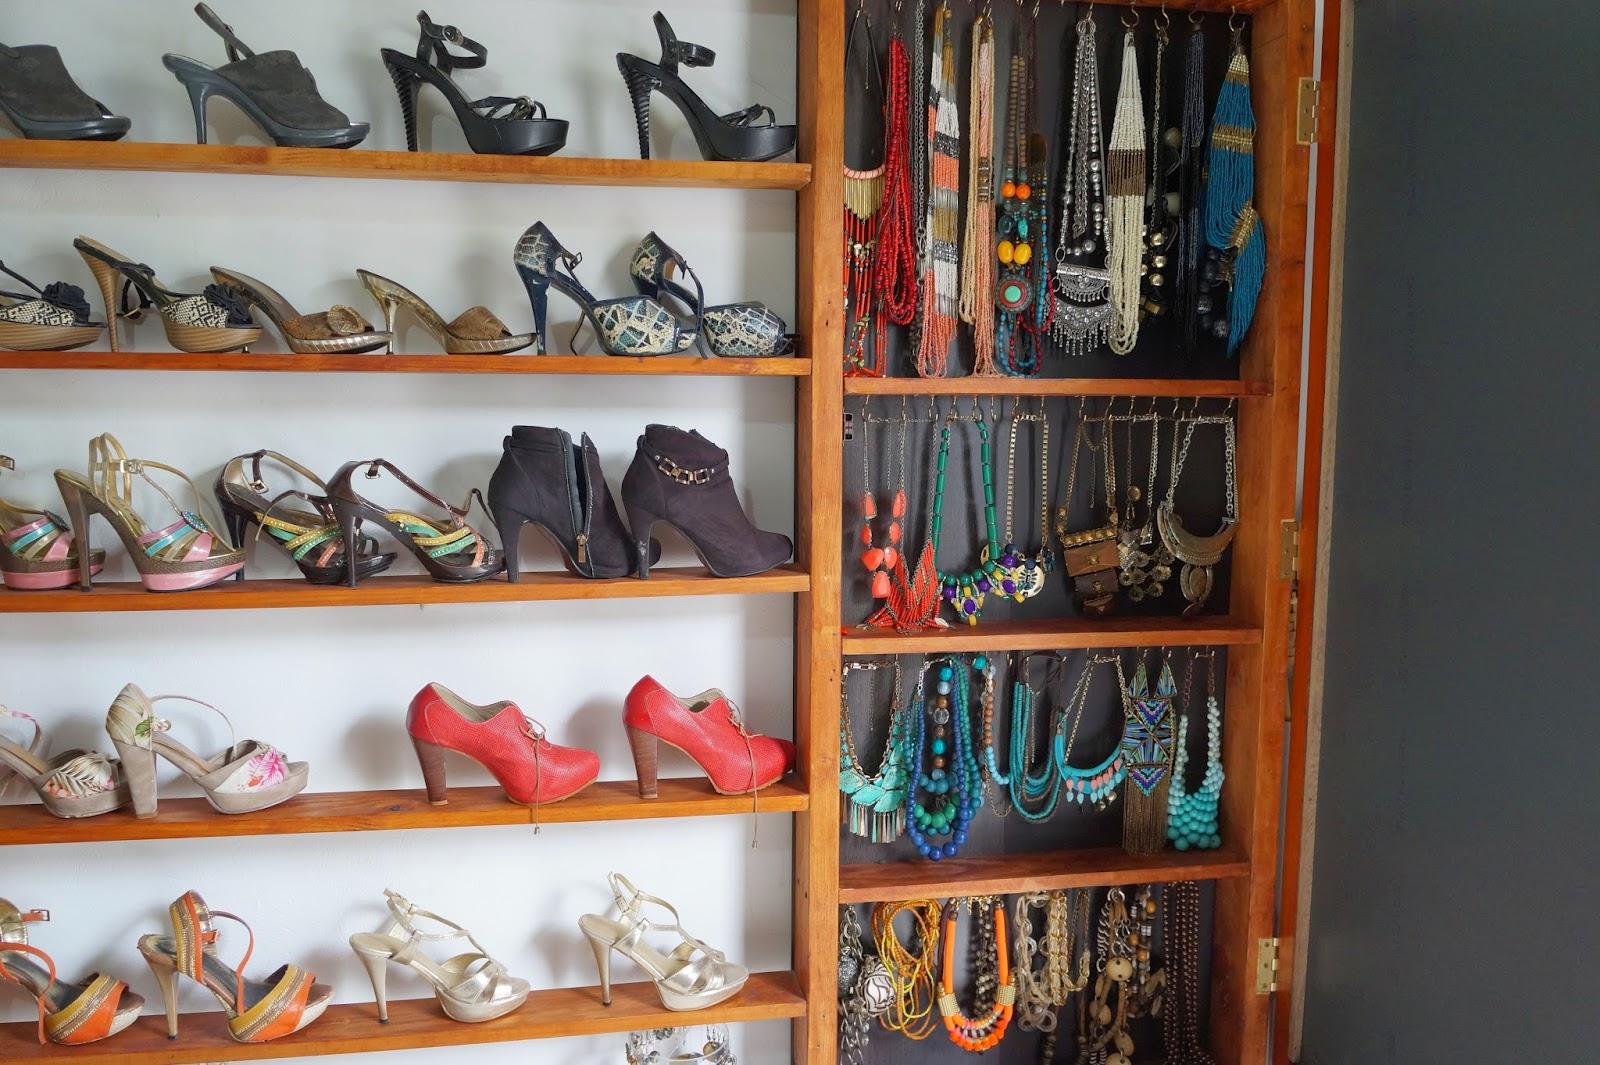 vestidor vestier vestidor rural armario reciclado vestidor bajo costo vestidor low cost arreglar el vestidor ordenar el vestidor vestidor econmico